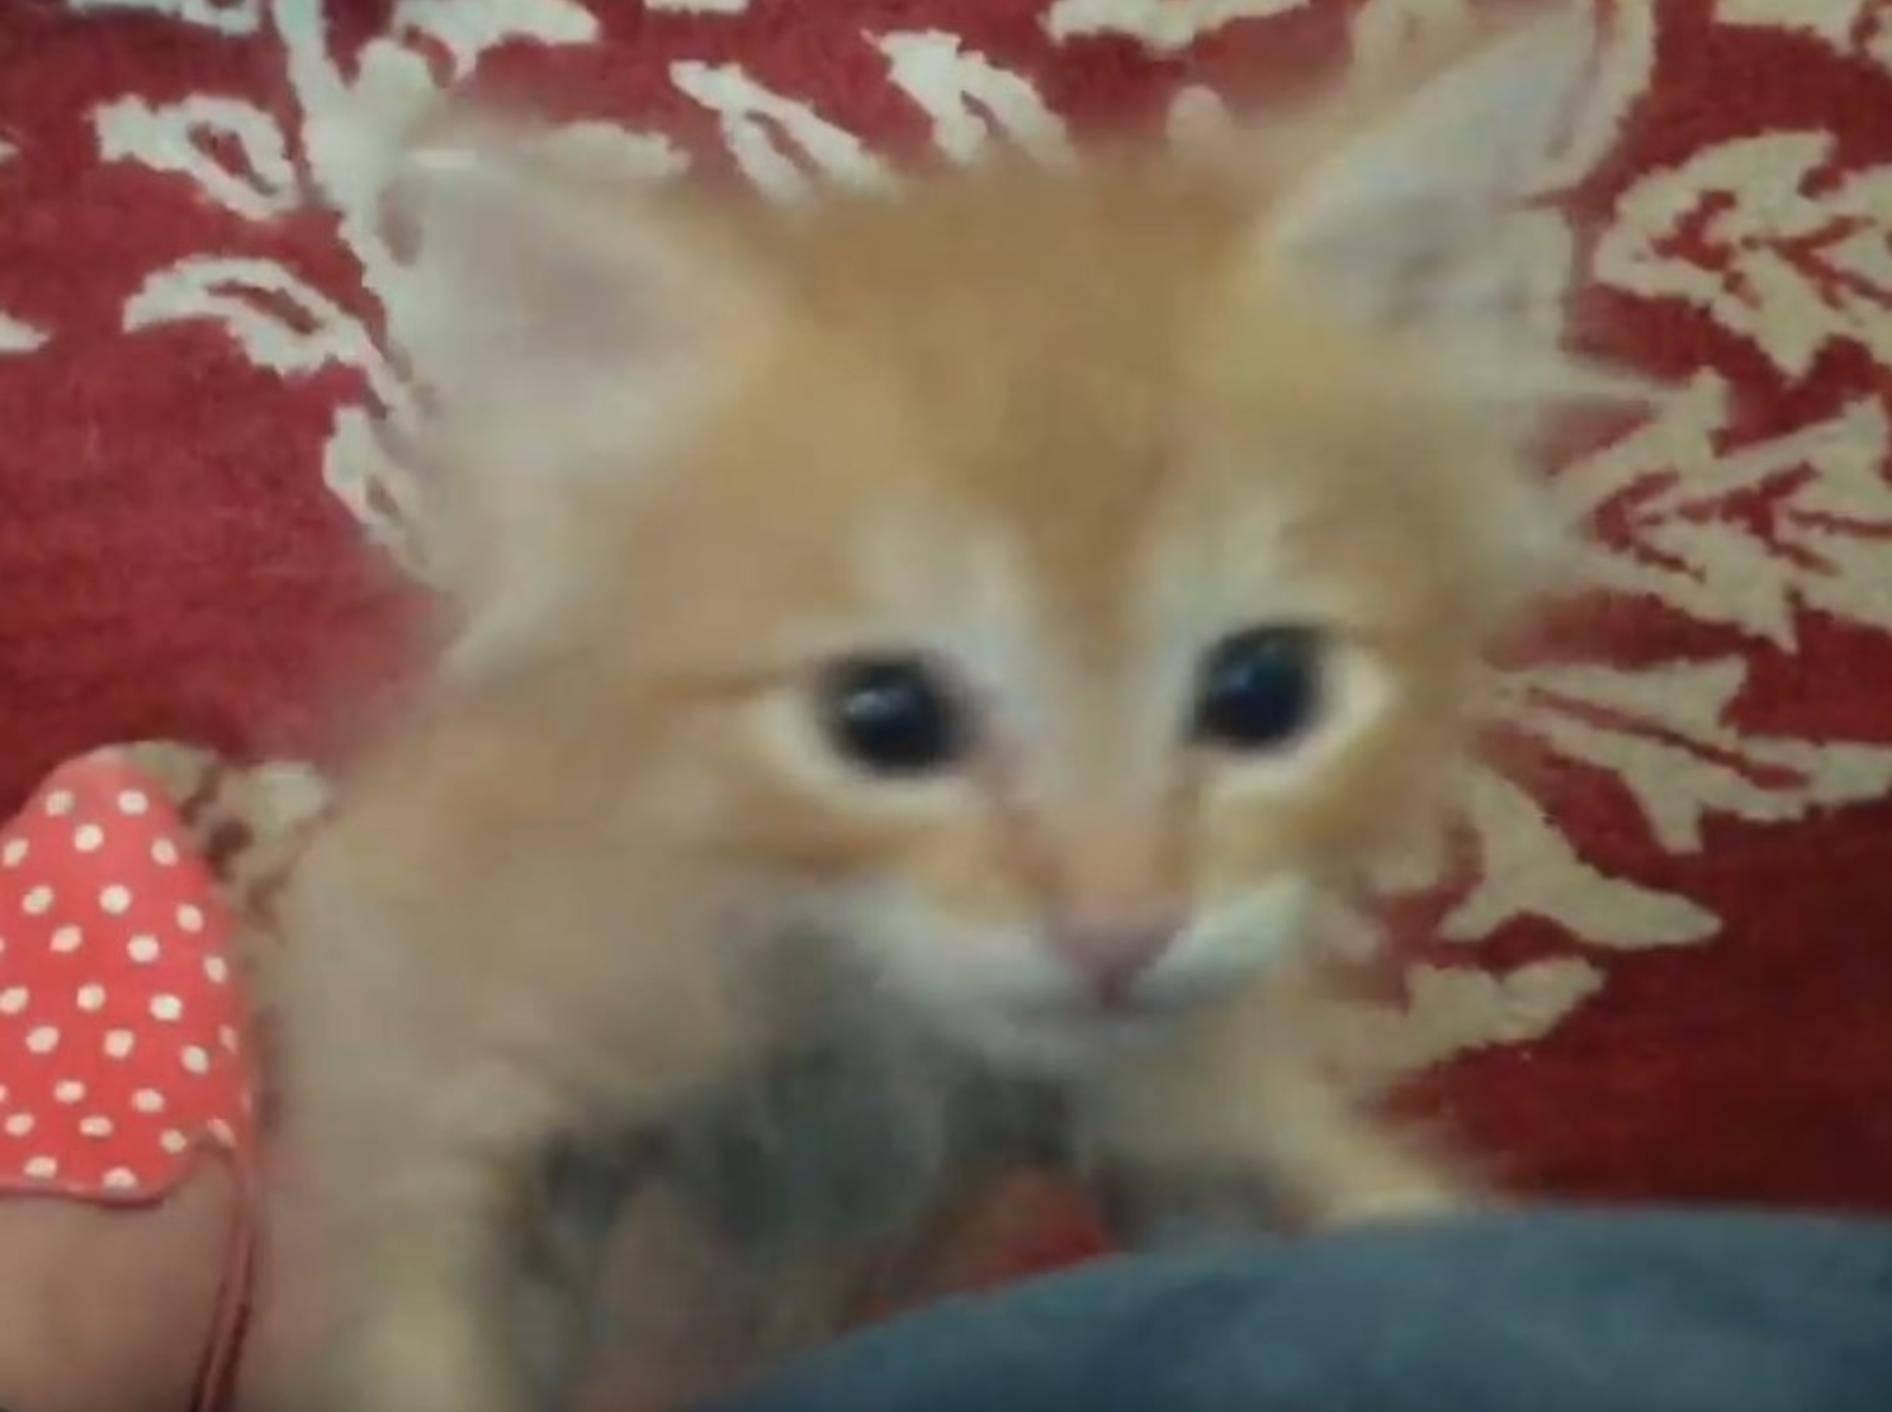 Der kleine Racker fordert lautstark sein Futter ein – YouTube / foster kittens